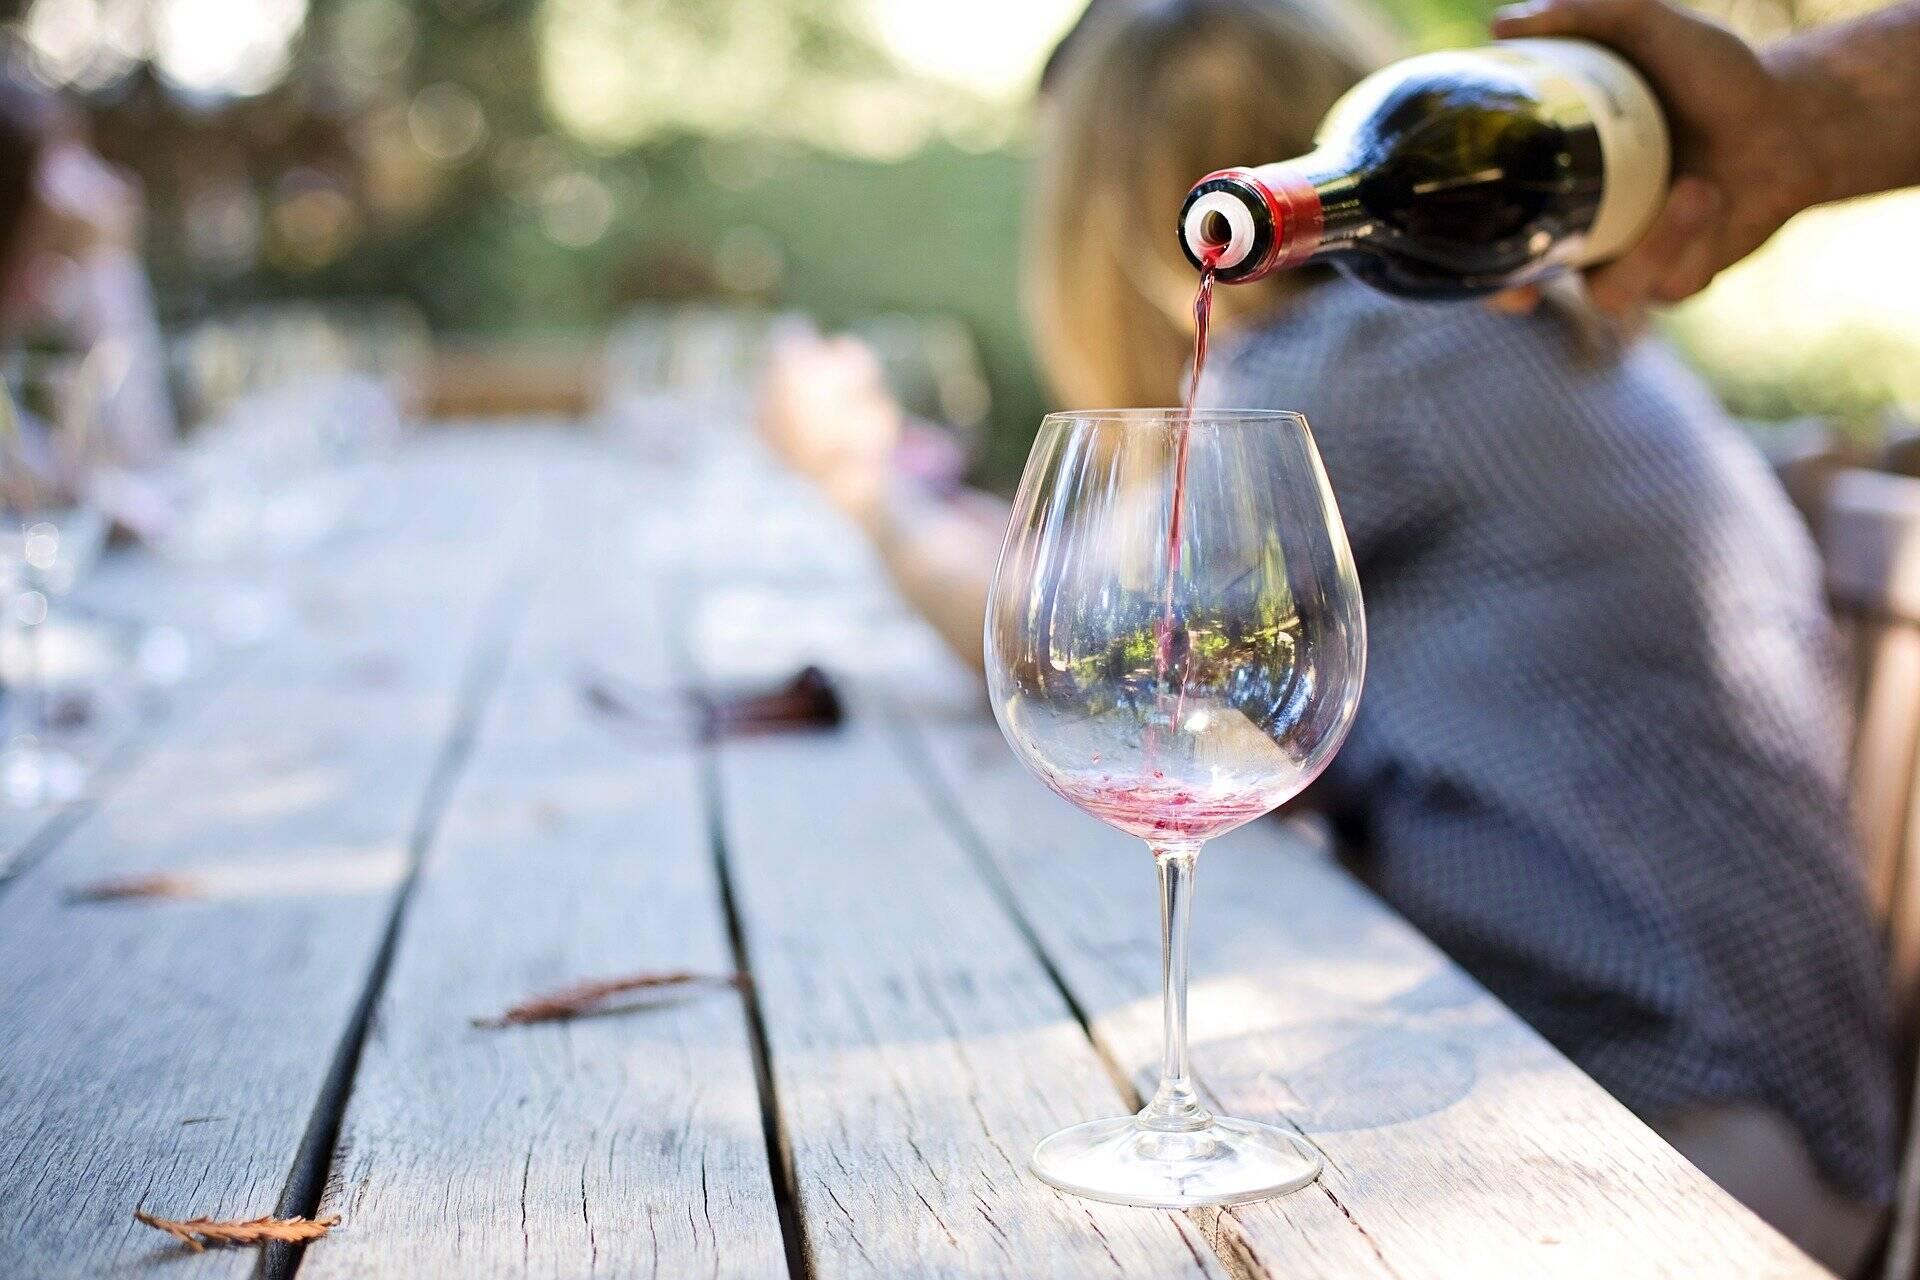 Avis aux Lyonnais amateurs de vin : devenez testeurs pour l'Institut Français de la Vigne et du Vin !